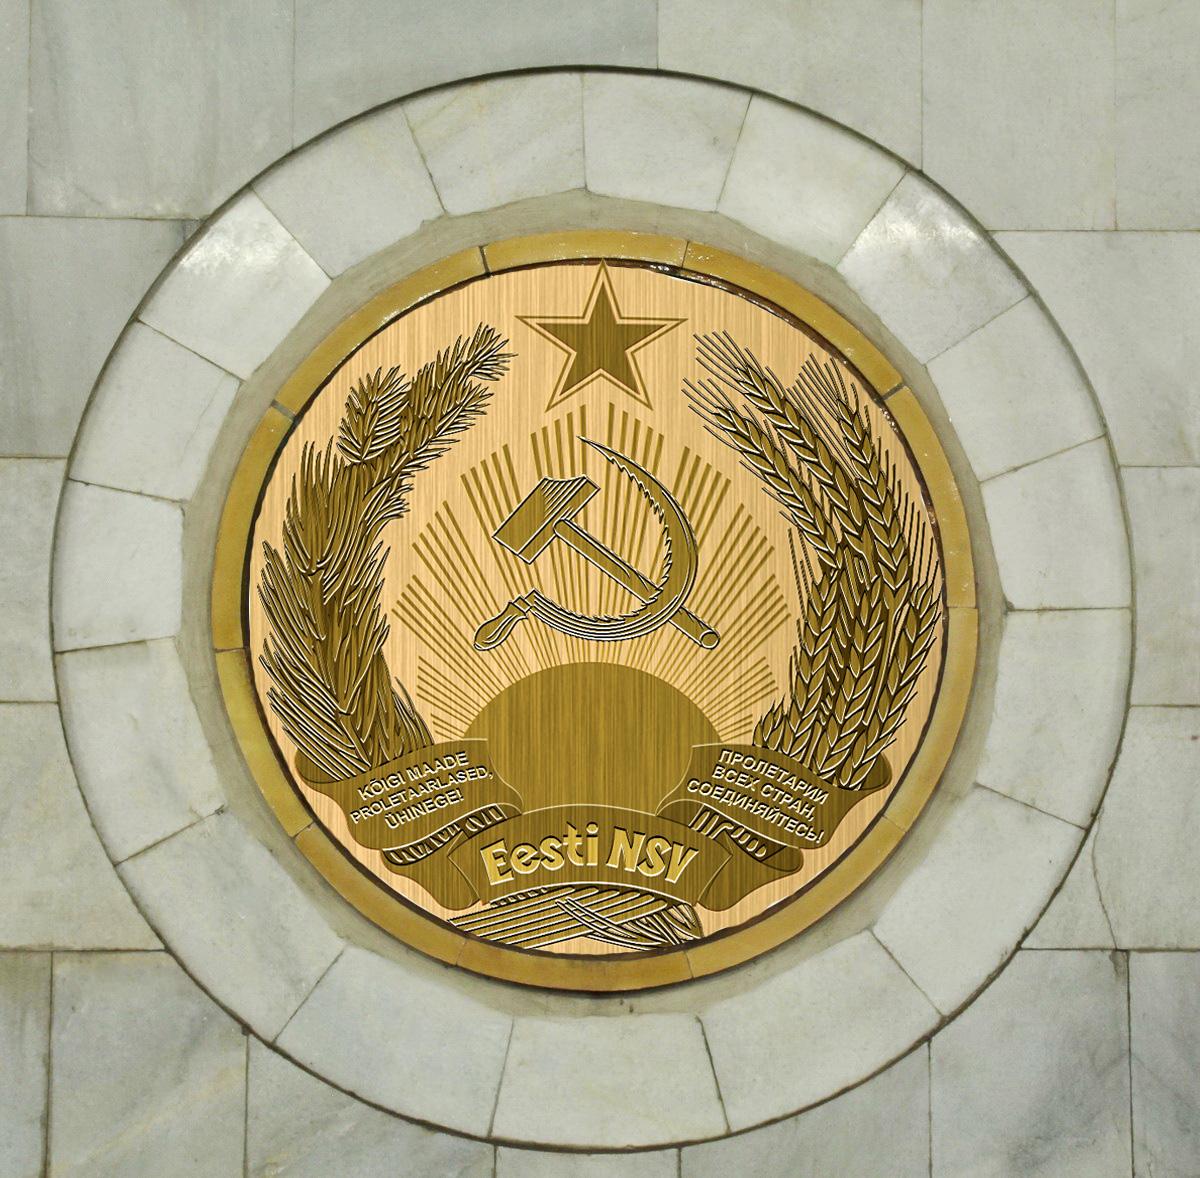 Герб Эстонской ССР